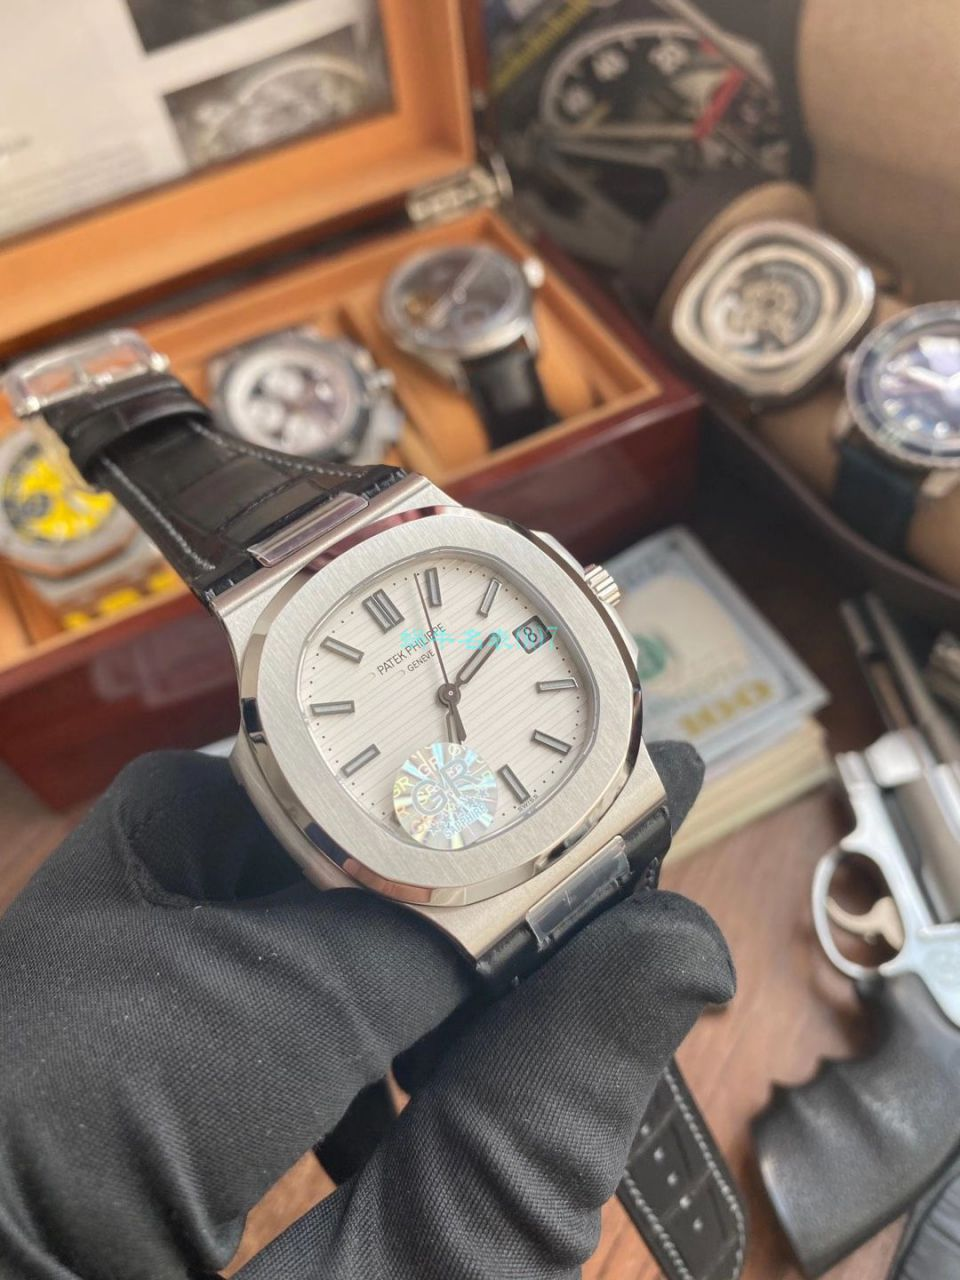 GR厂V2版本百达翡丽鹦鹉螺运动优雅超A精仿手表5711/1R-001腕表 / BD351